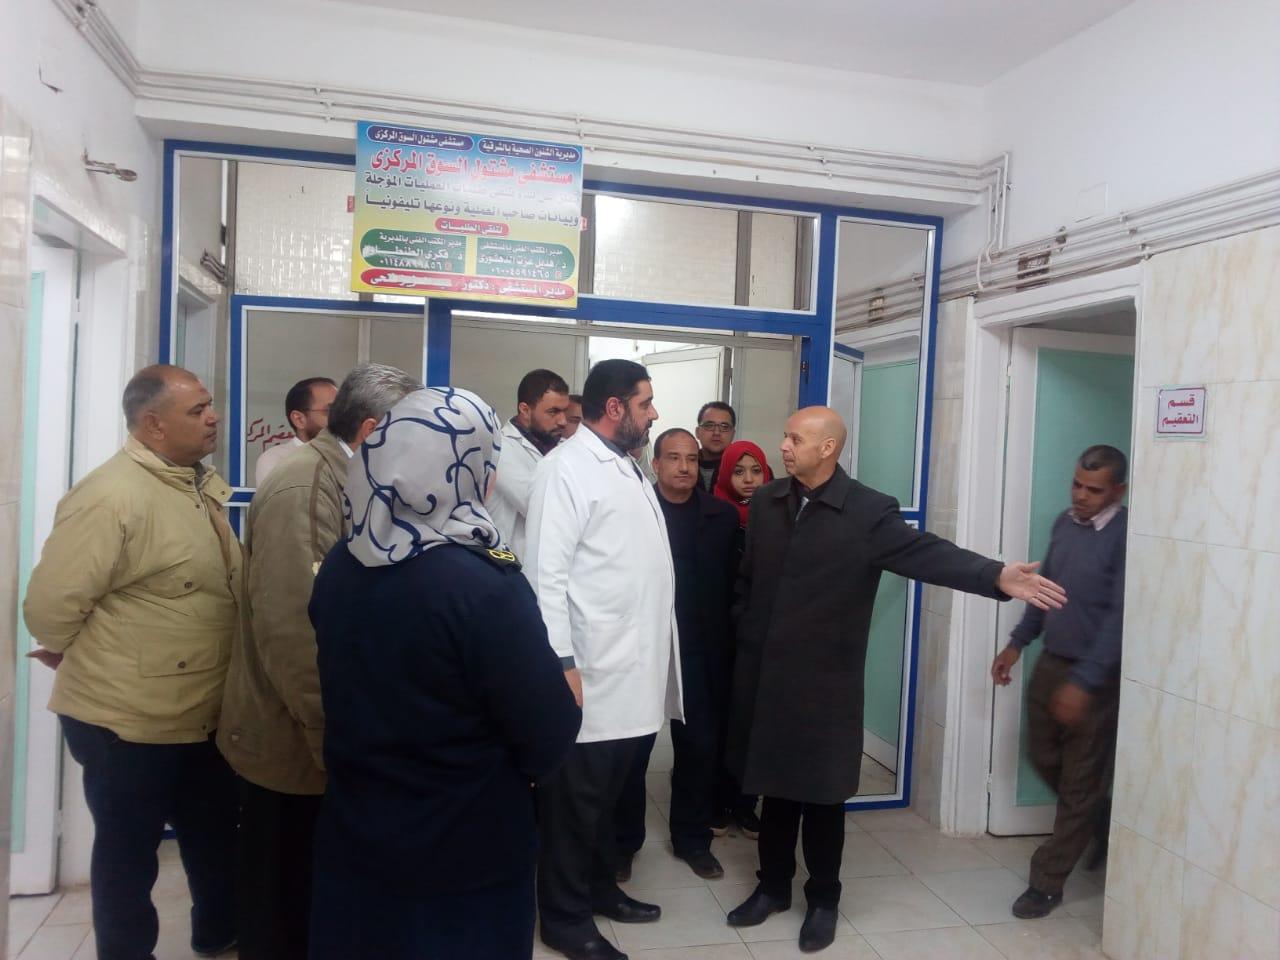 وزارة الصحة يتفقد مستشفي مشتول السوق المركزي